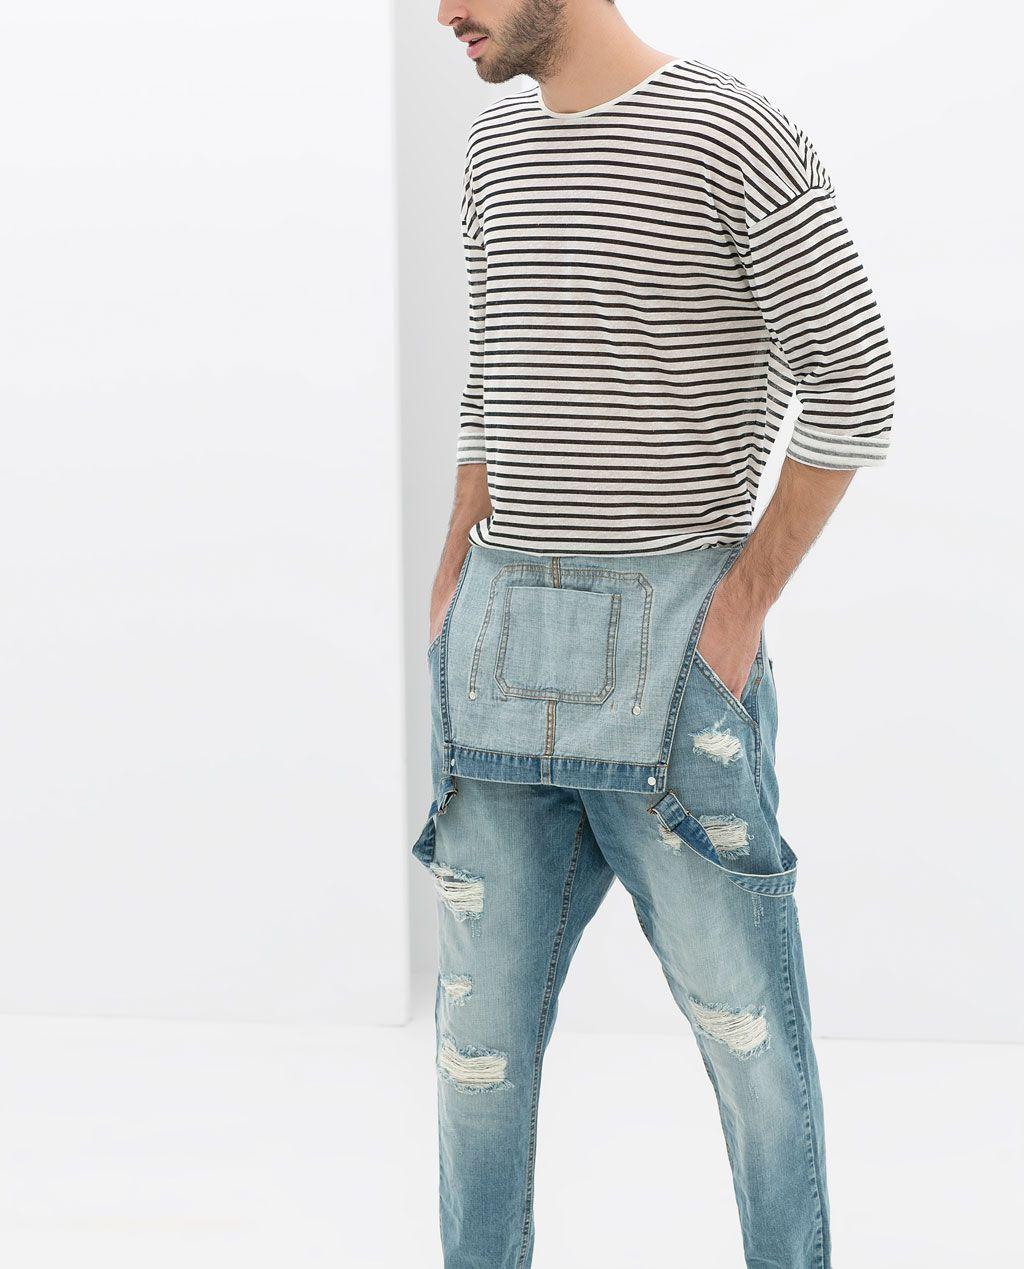 la mejor actitud 02e09 69d92 ZARA - HOMBRE - PETO ROTOS | Style en 2019 | Vestimenta ...